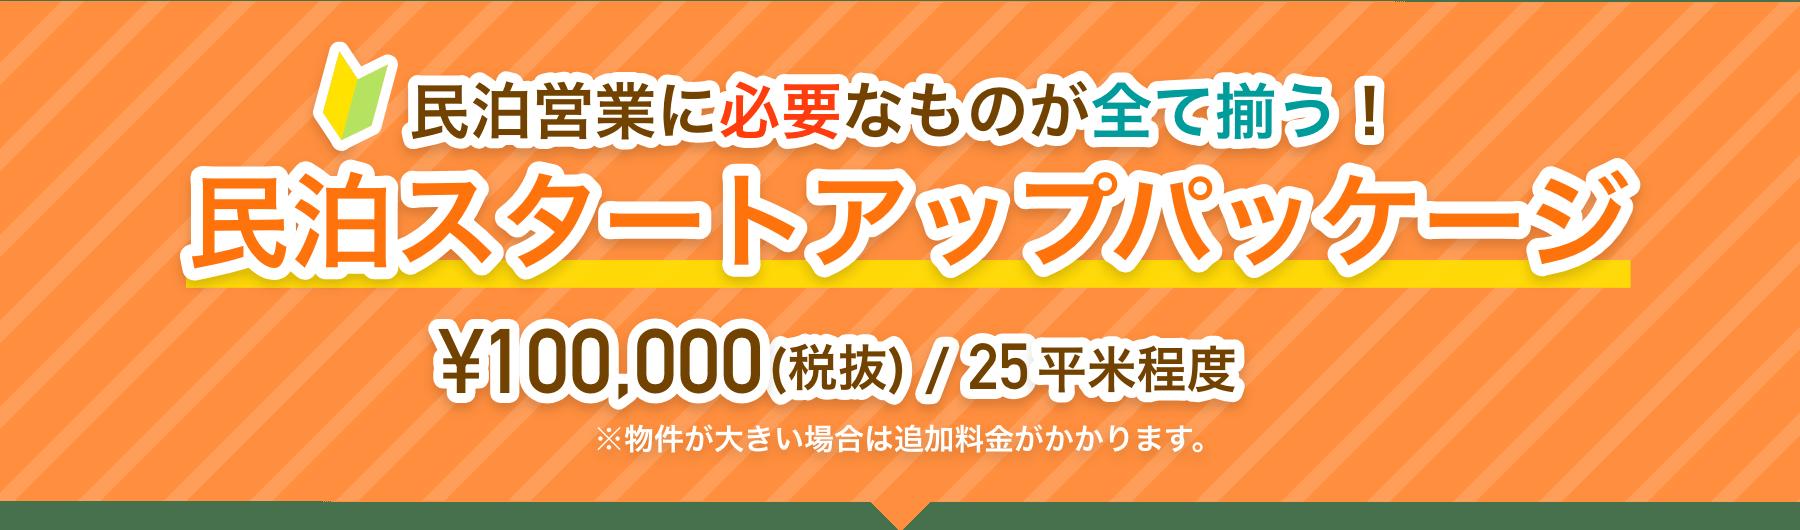 月額固定25,000円 圧倒的な安さの民泊代行